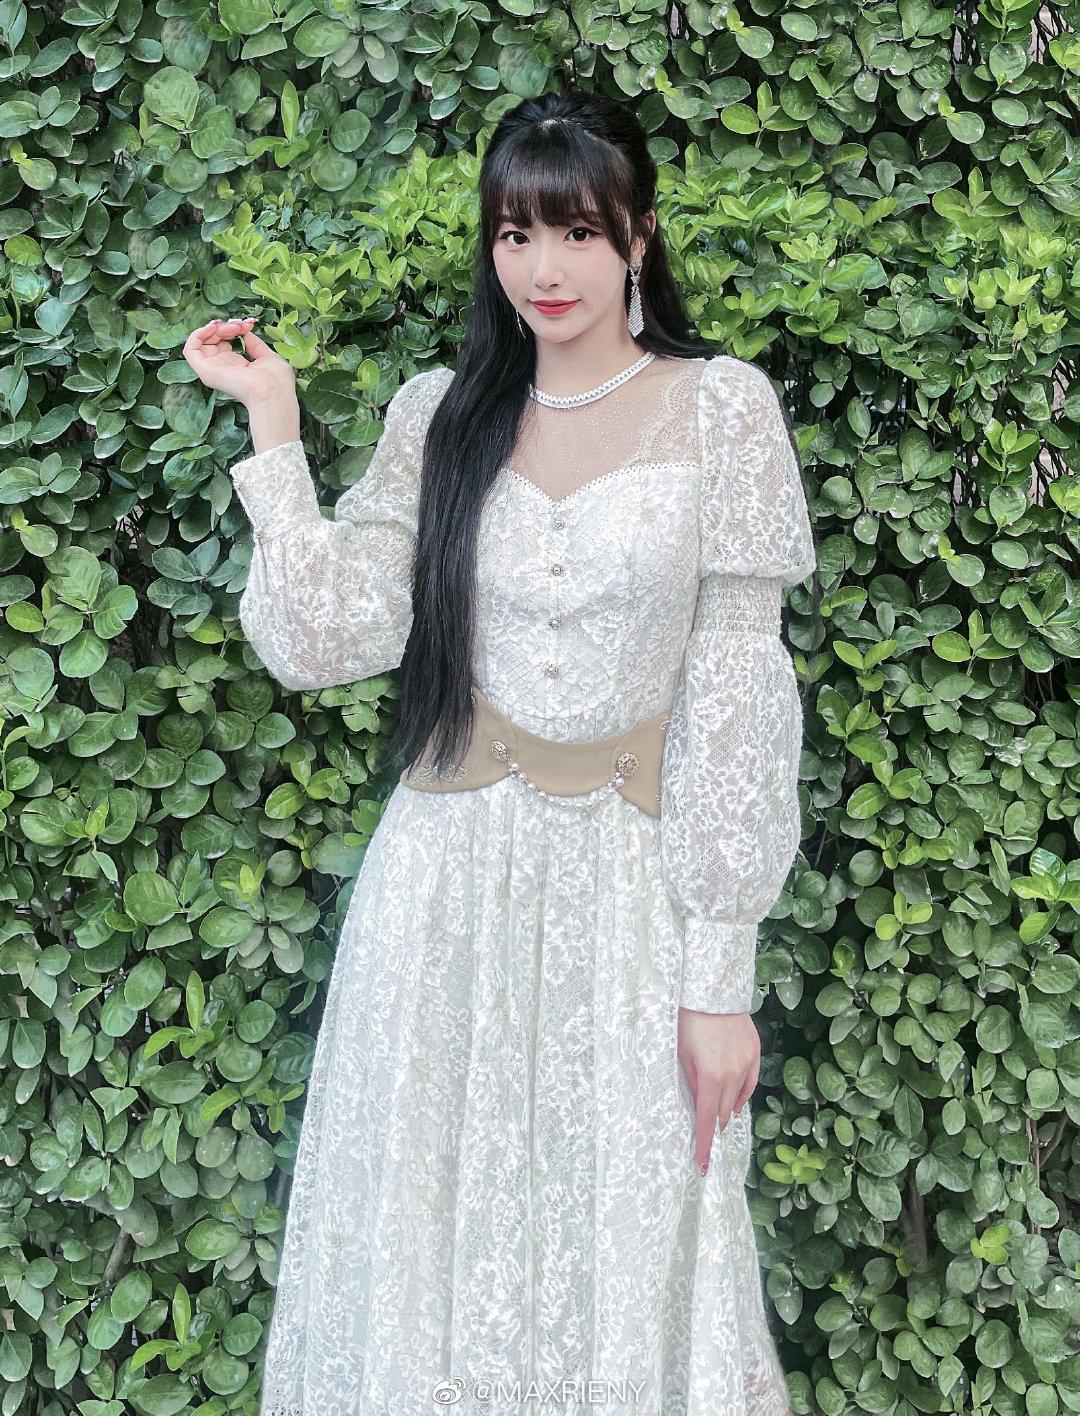 Trong các mỹ nhân The9, Khổng Tuyết Nhi được đánh giá có vẻ đẹp kiều diễm hơn cả. Đây cũng là lý do nữ idol rất thích xúng xính váy áo điệu đà theo phong cách tiểu thư quý tộc.